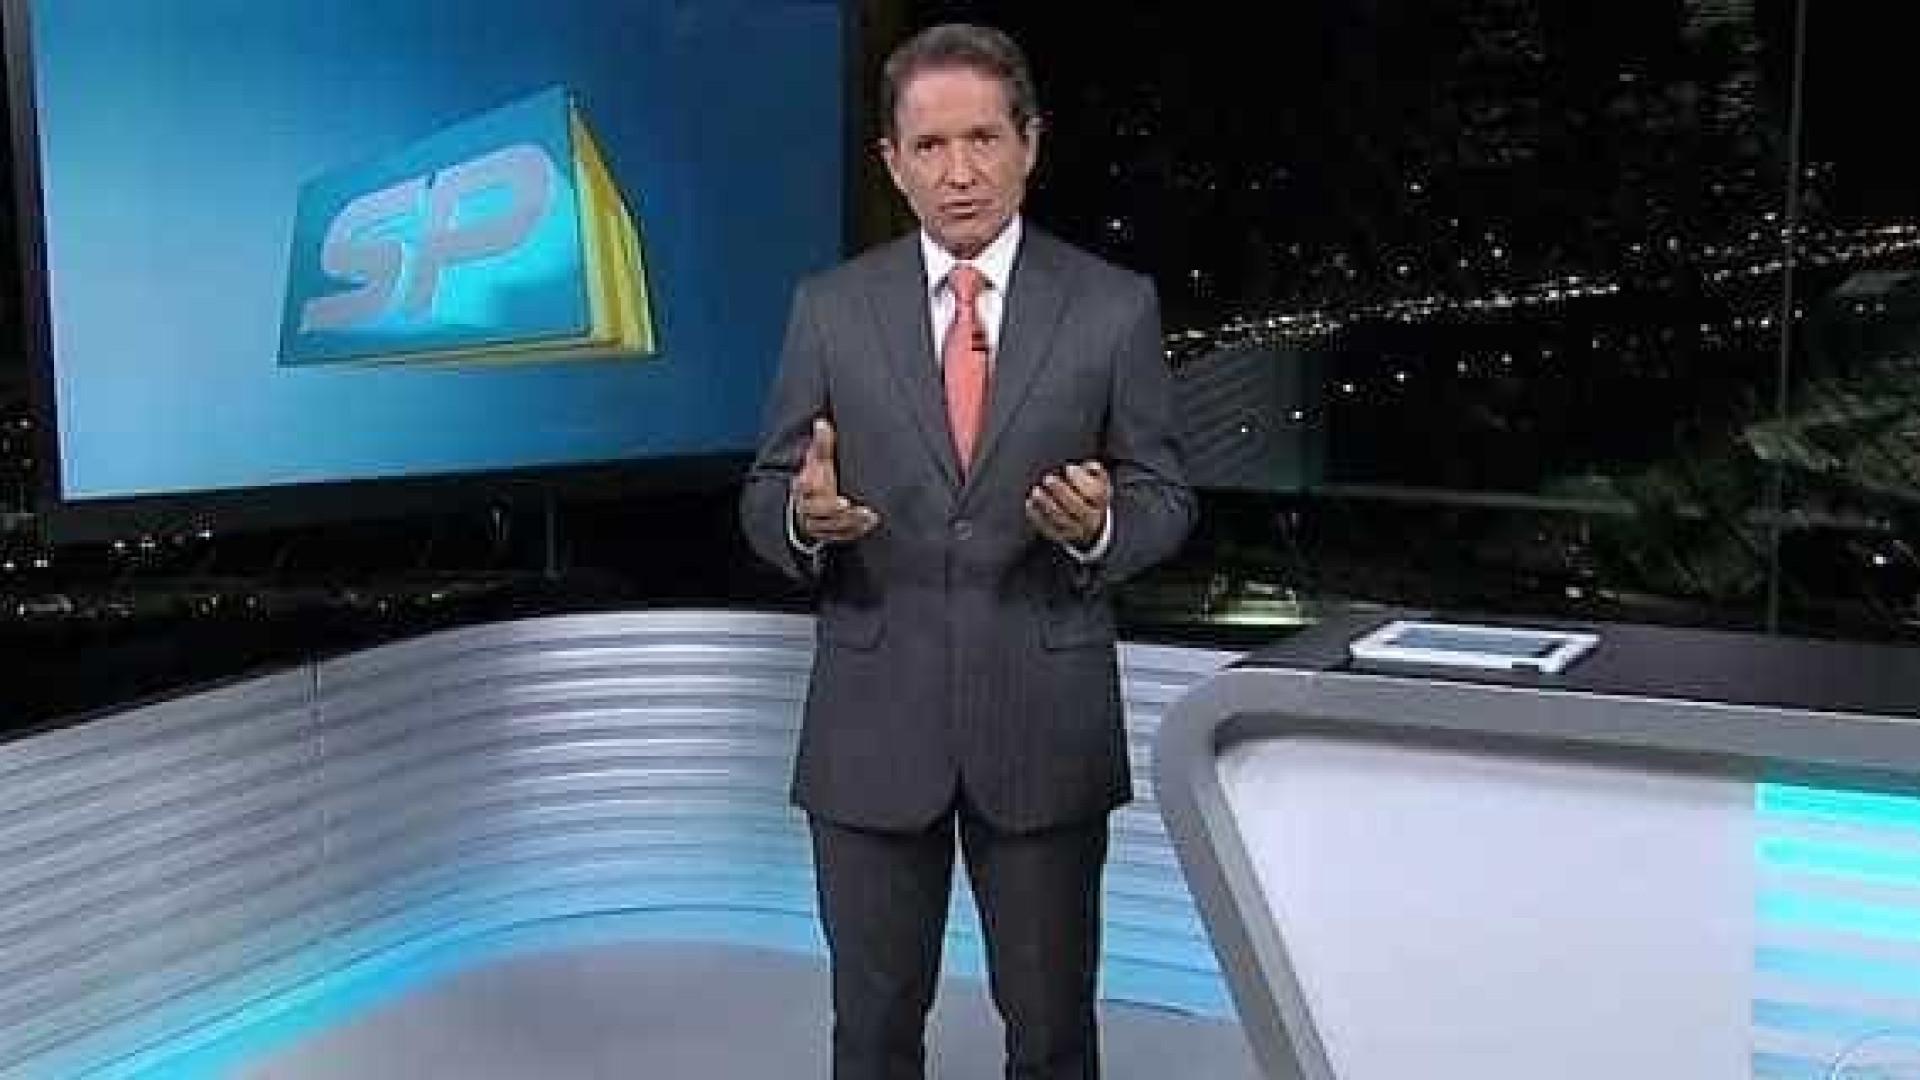 Telejornais da Globo passam por grandes mudanças após 34 anos